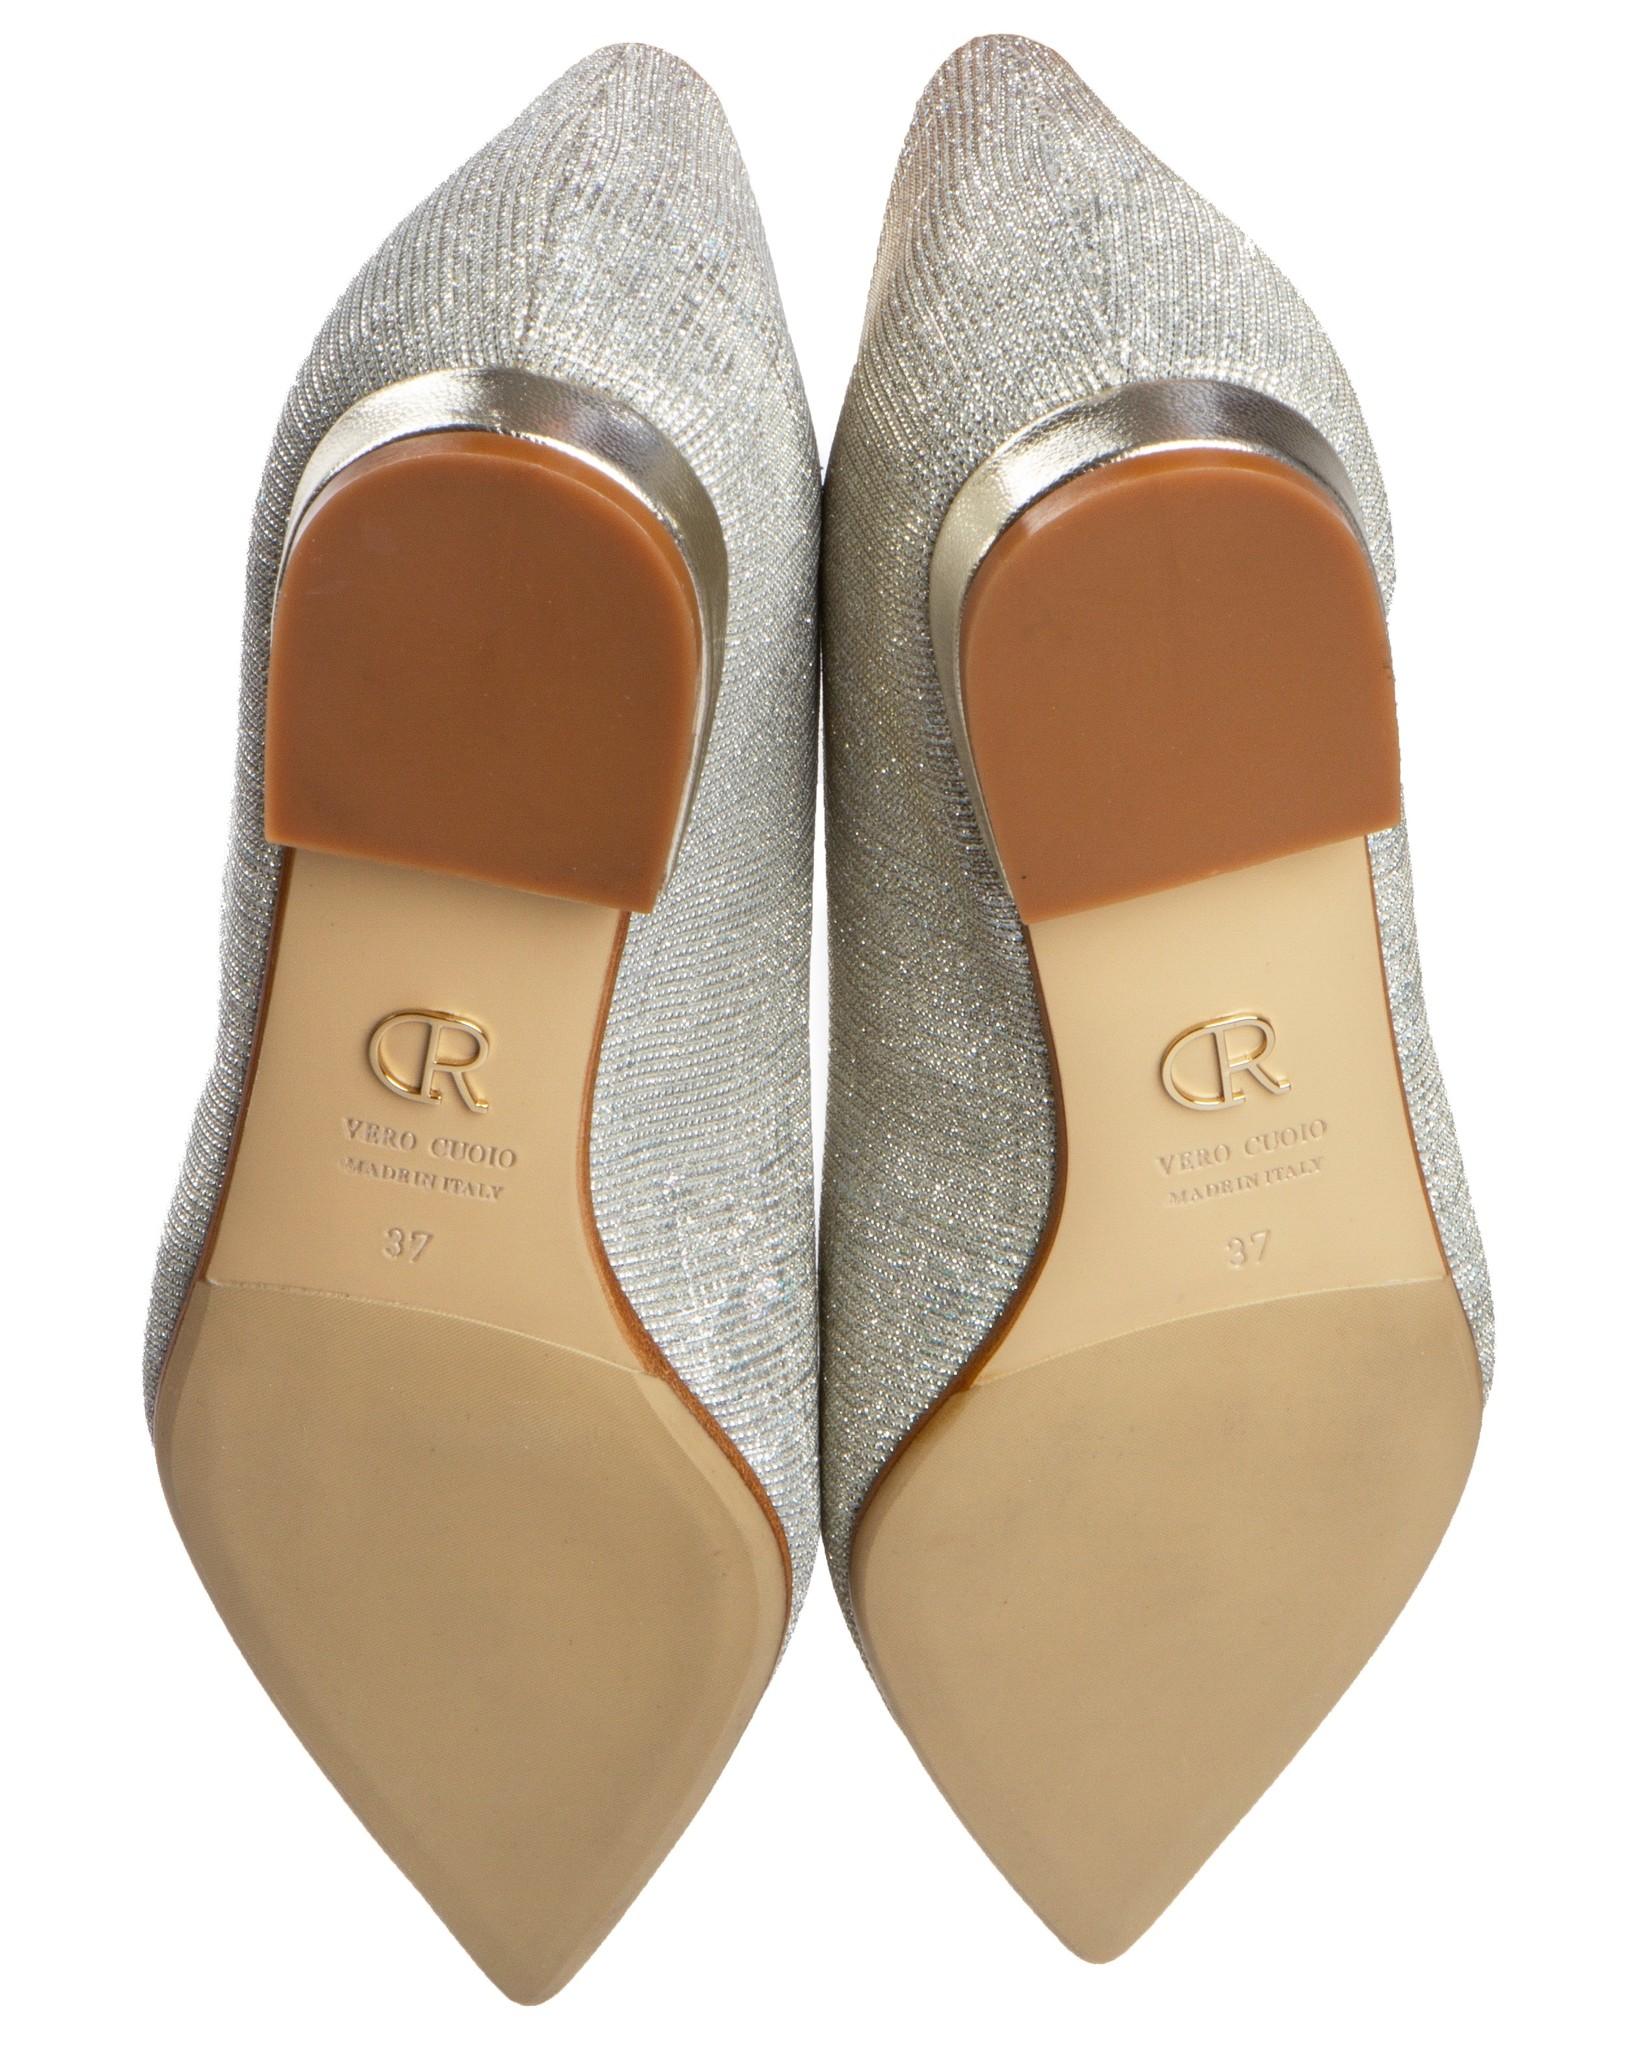 San Vito ballerina's in champagne glitter